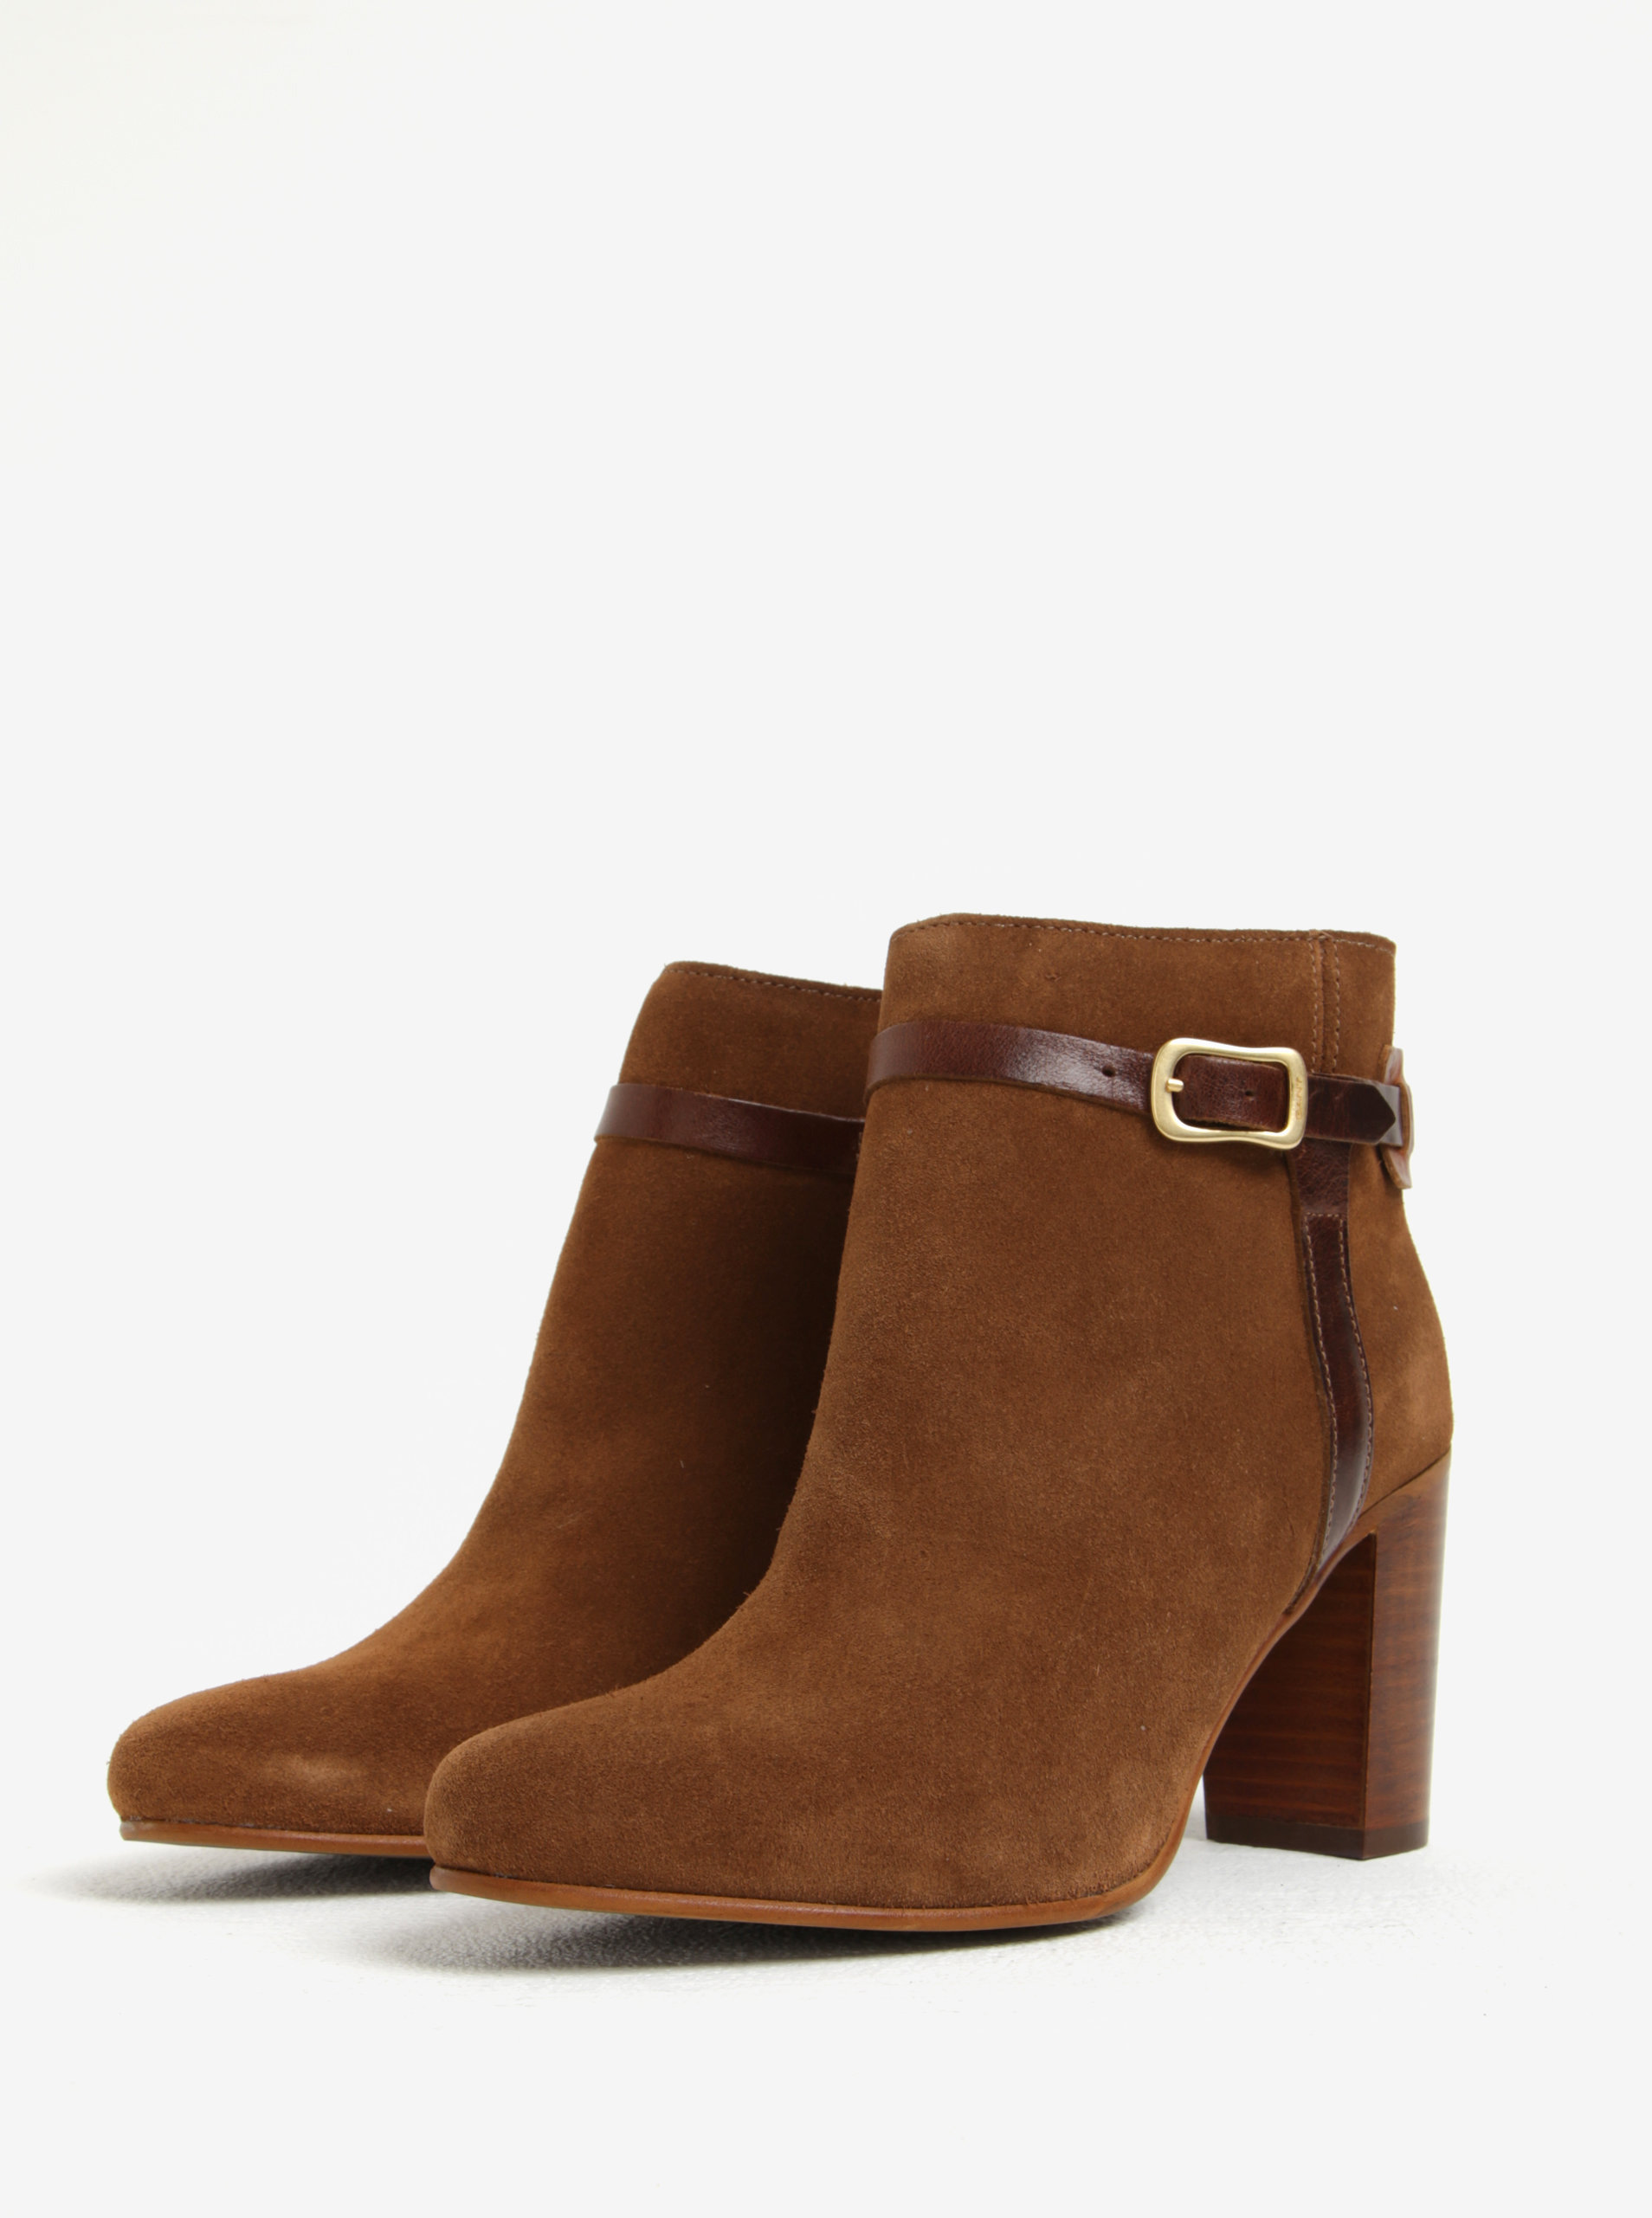 Světle hnědé dámské kožené kotníkové boty na podpatku GANT Alma ... 2c36511425